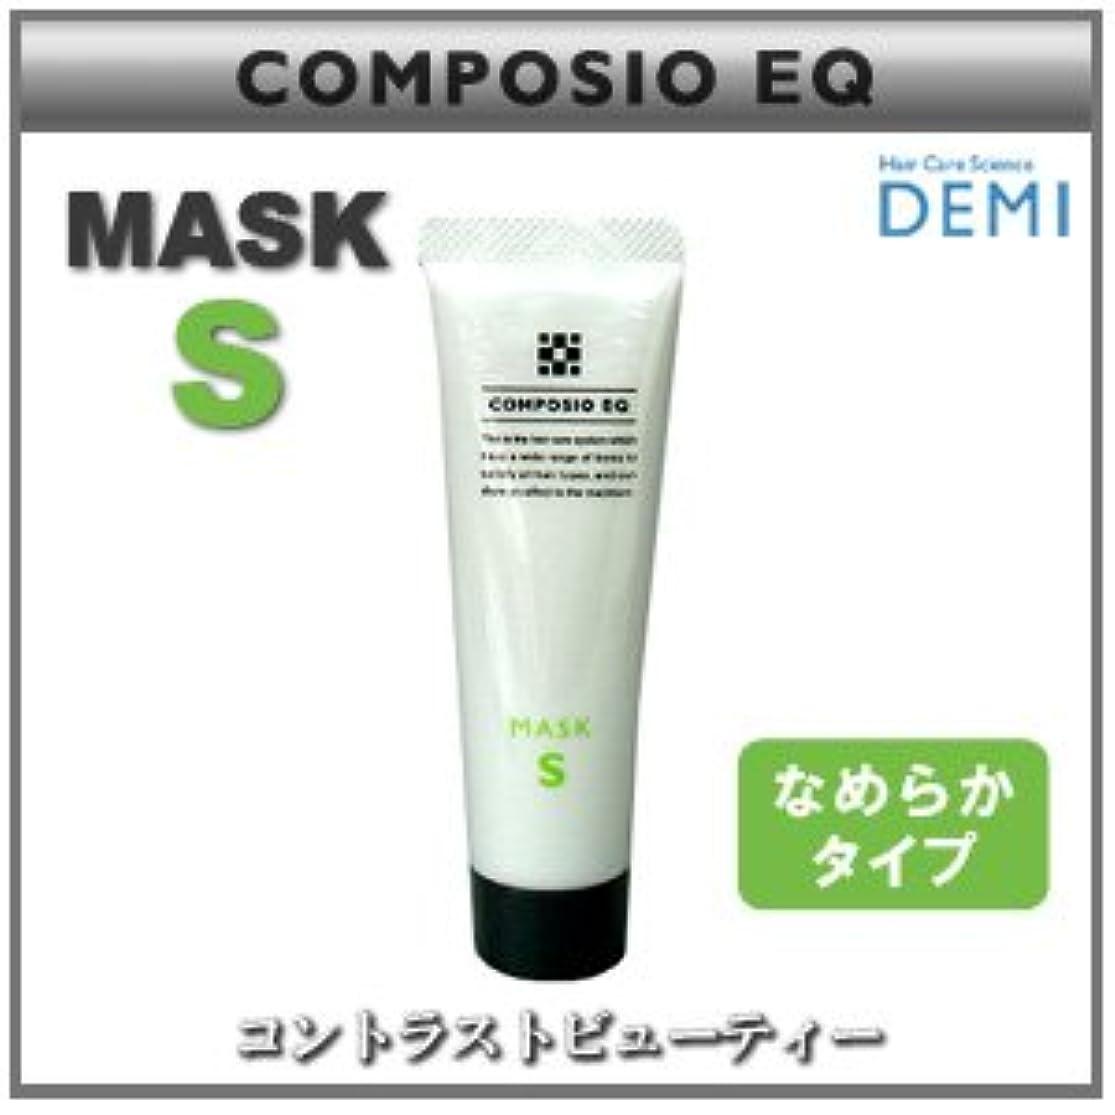 すぐに掻く先住民【X2個セット】 デミ コンポジオ EQ マスク S 50g